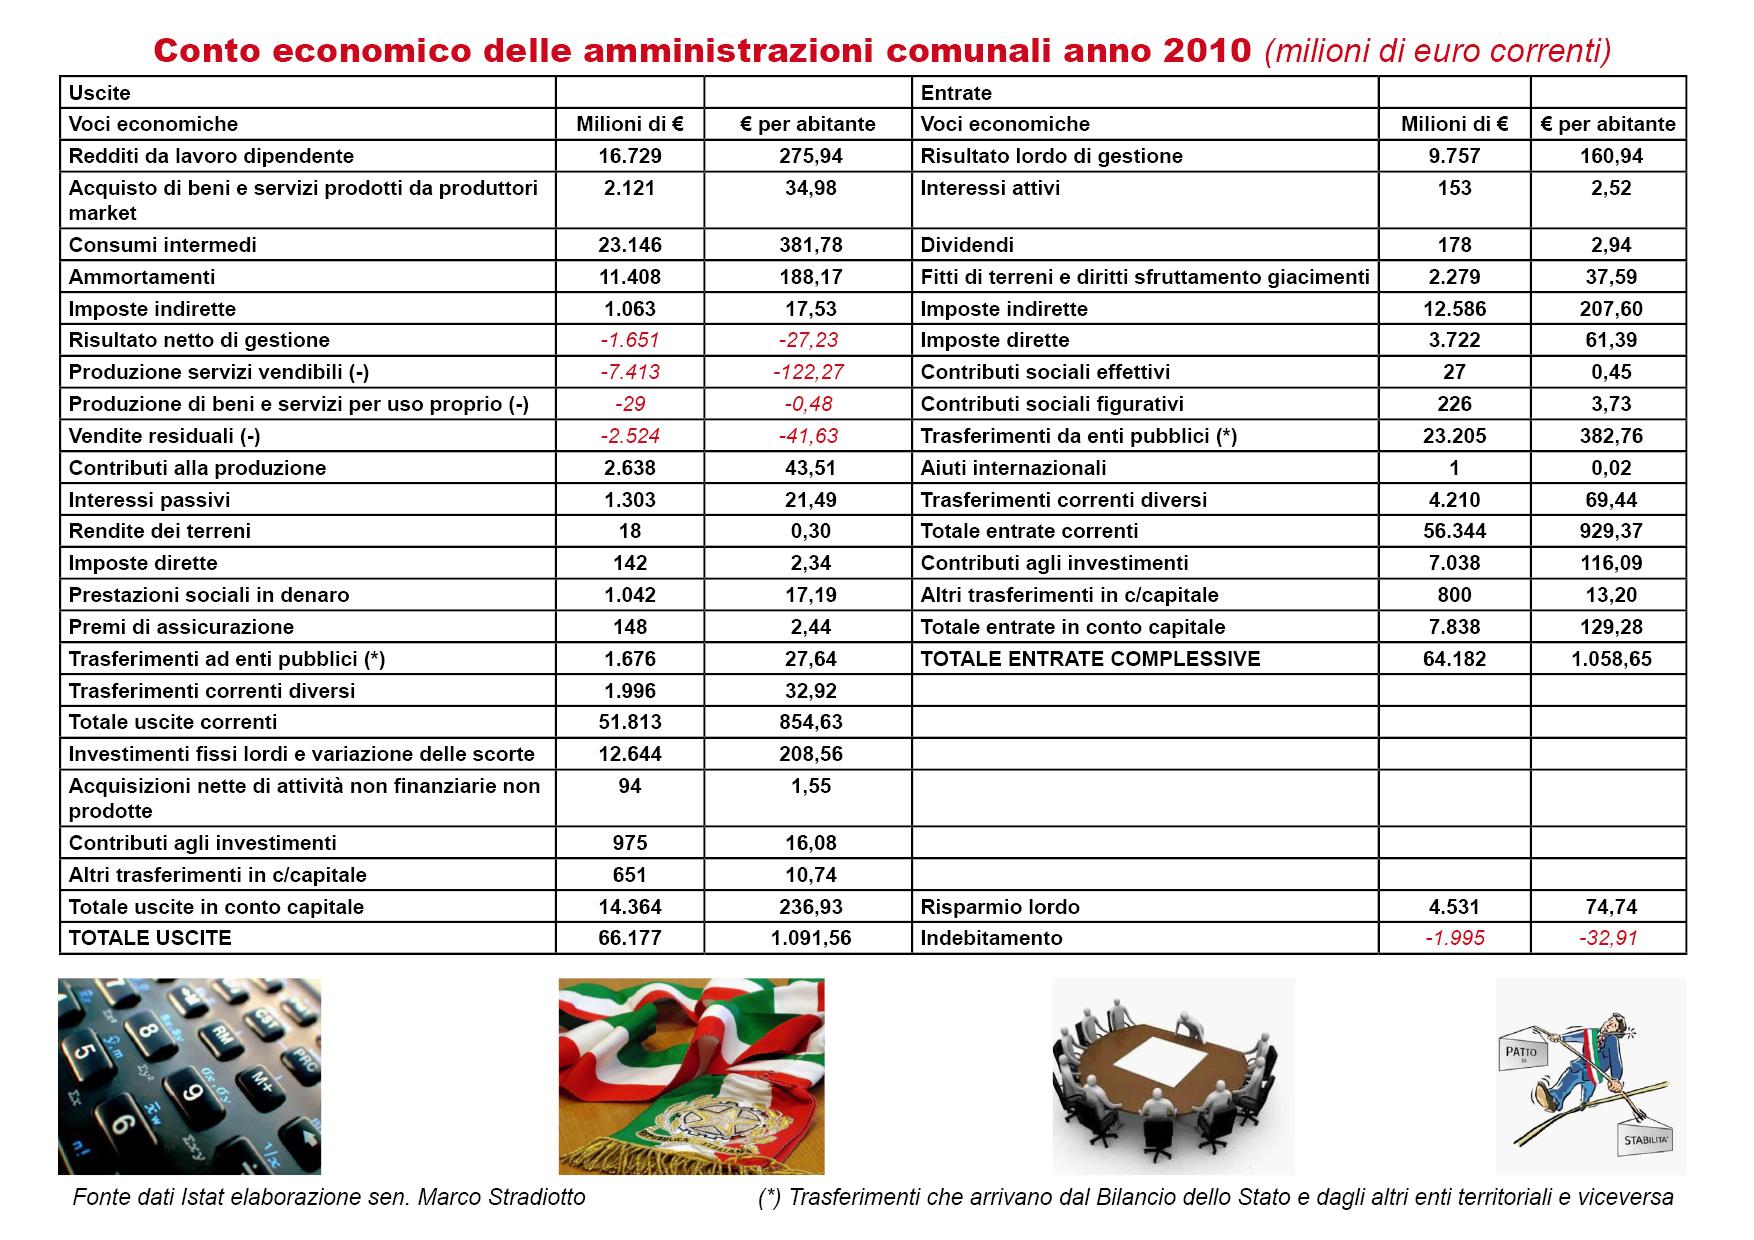 Quali sono state le entrate e le spese dei Comuni nel 2010?